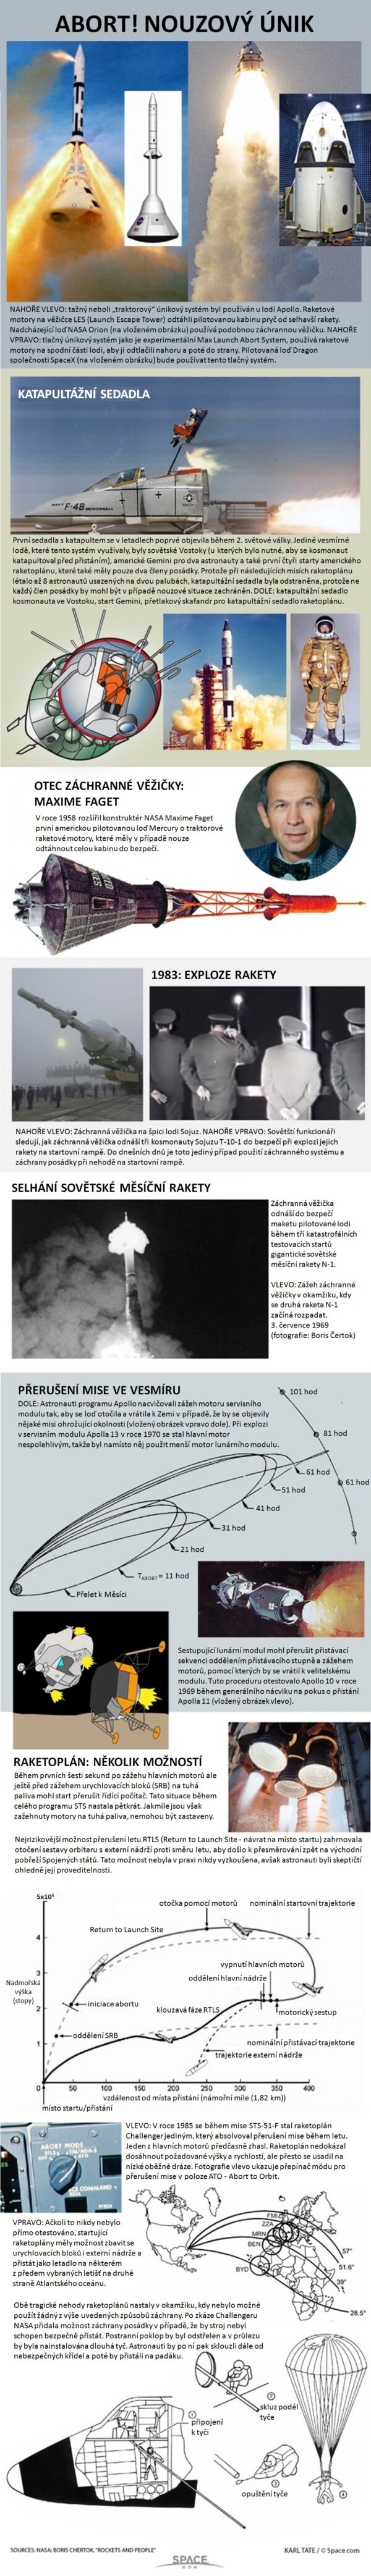 přehled způsobů záchrany posádek kosmických lodí